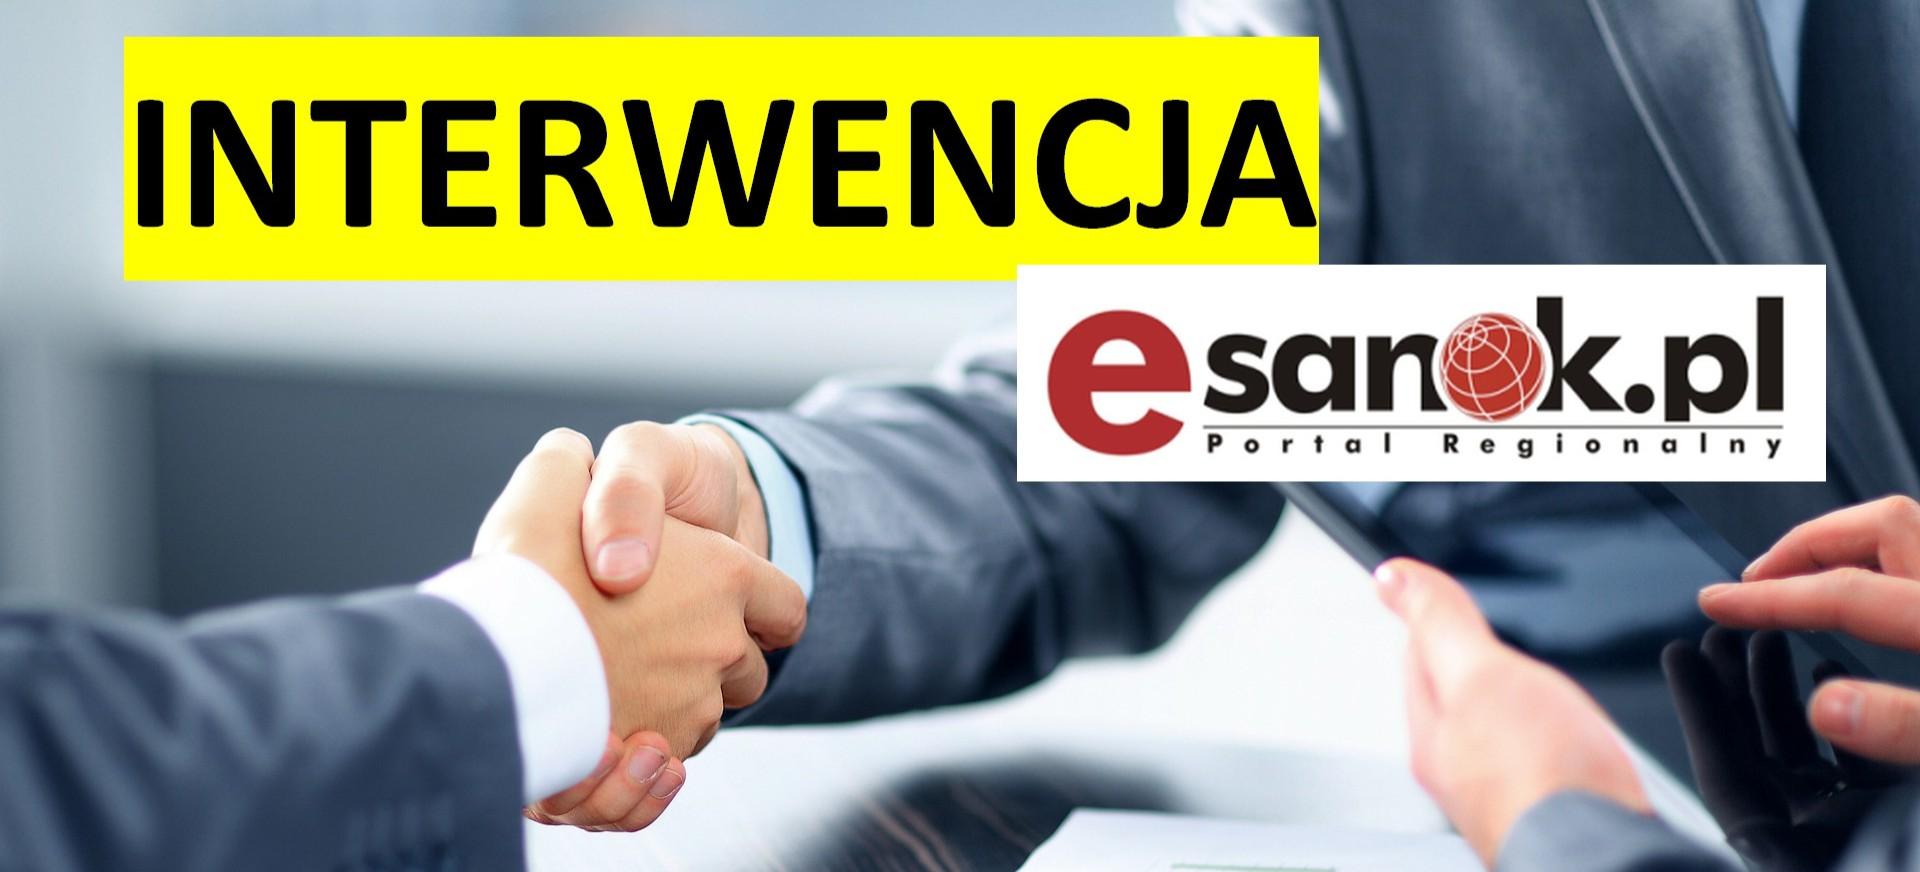 ZAGÓRZ: Szokujące wyłudzenie kredytów na 54 tys. zł!